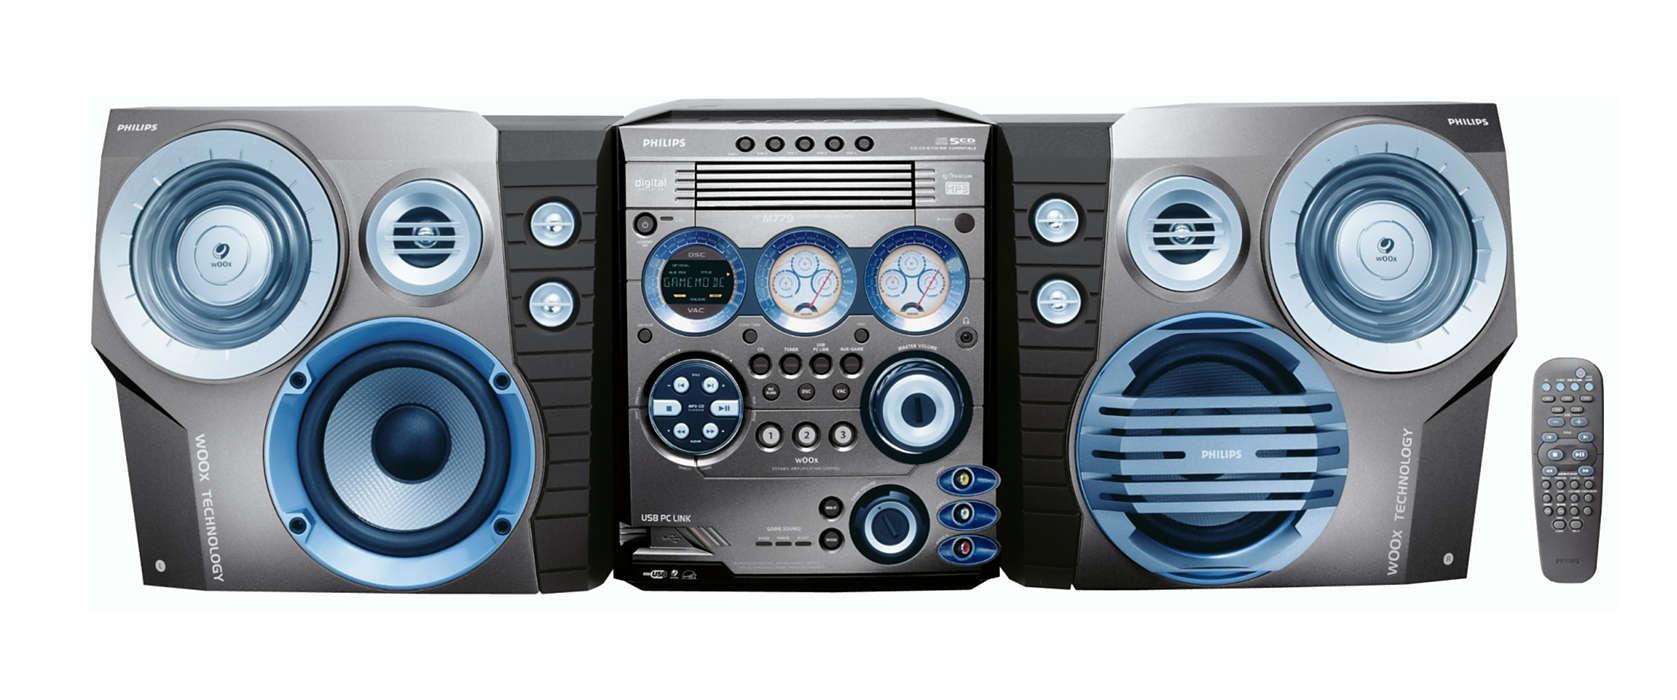 Dálkové ovládání MP3 hudby z vašeho počítače